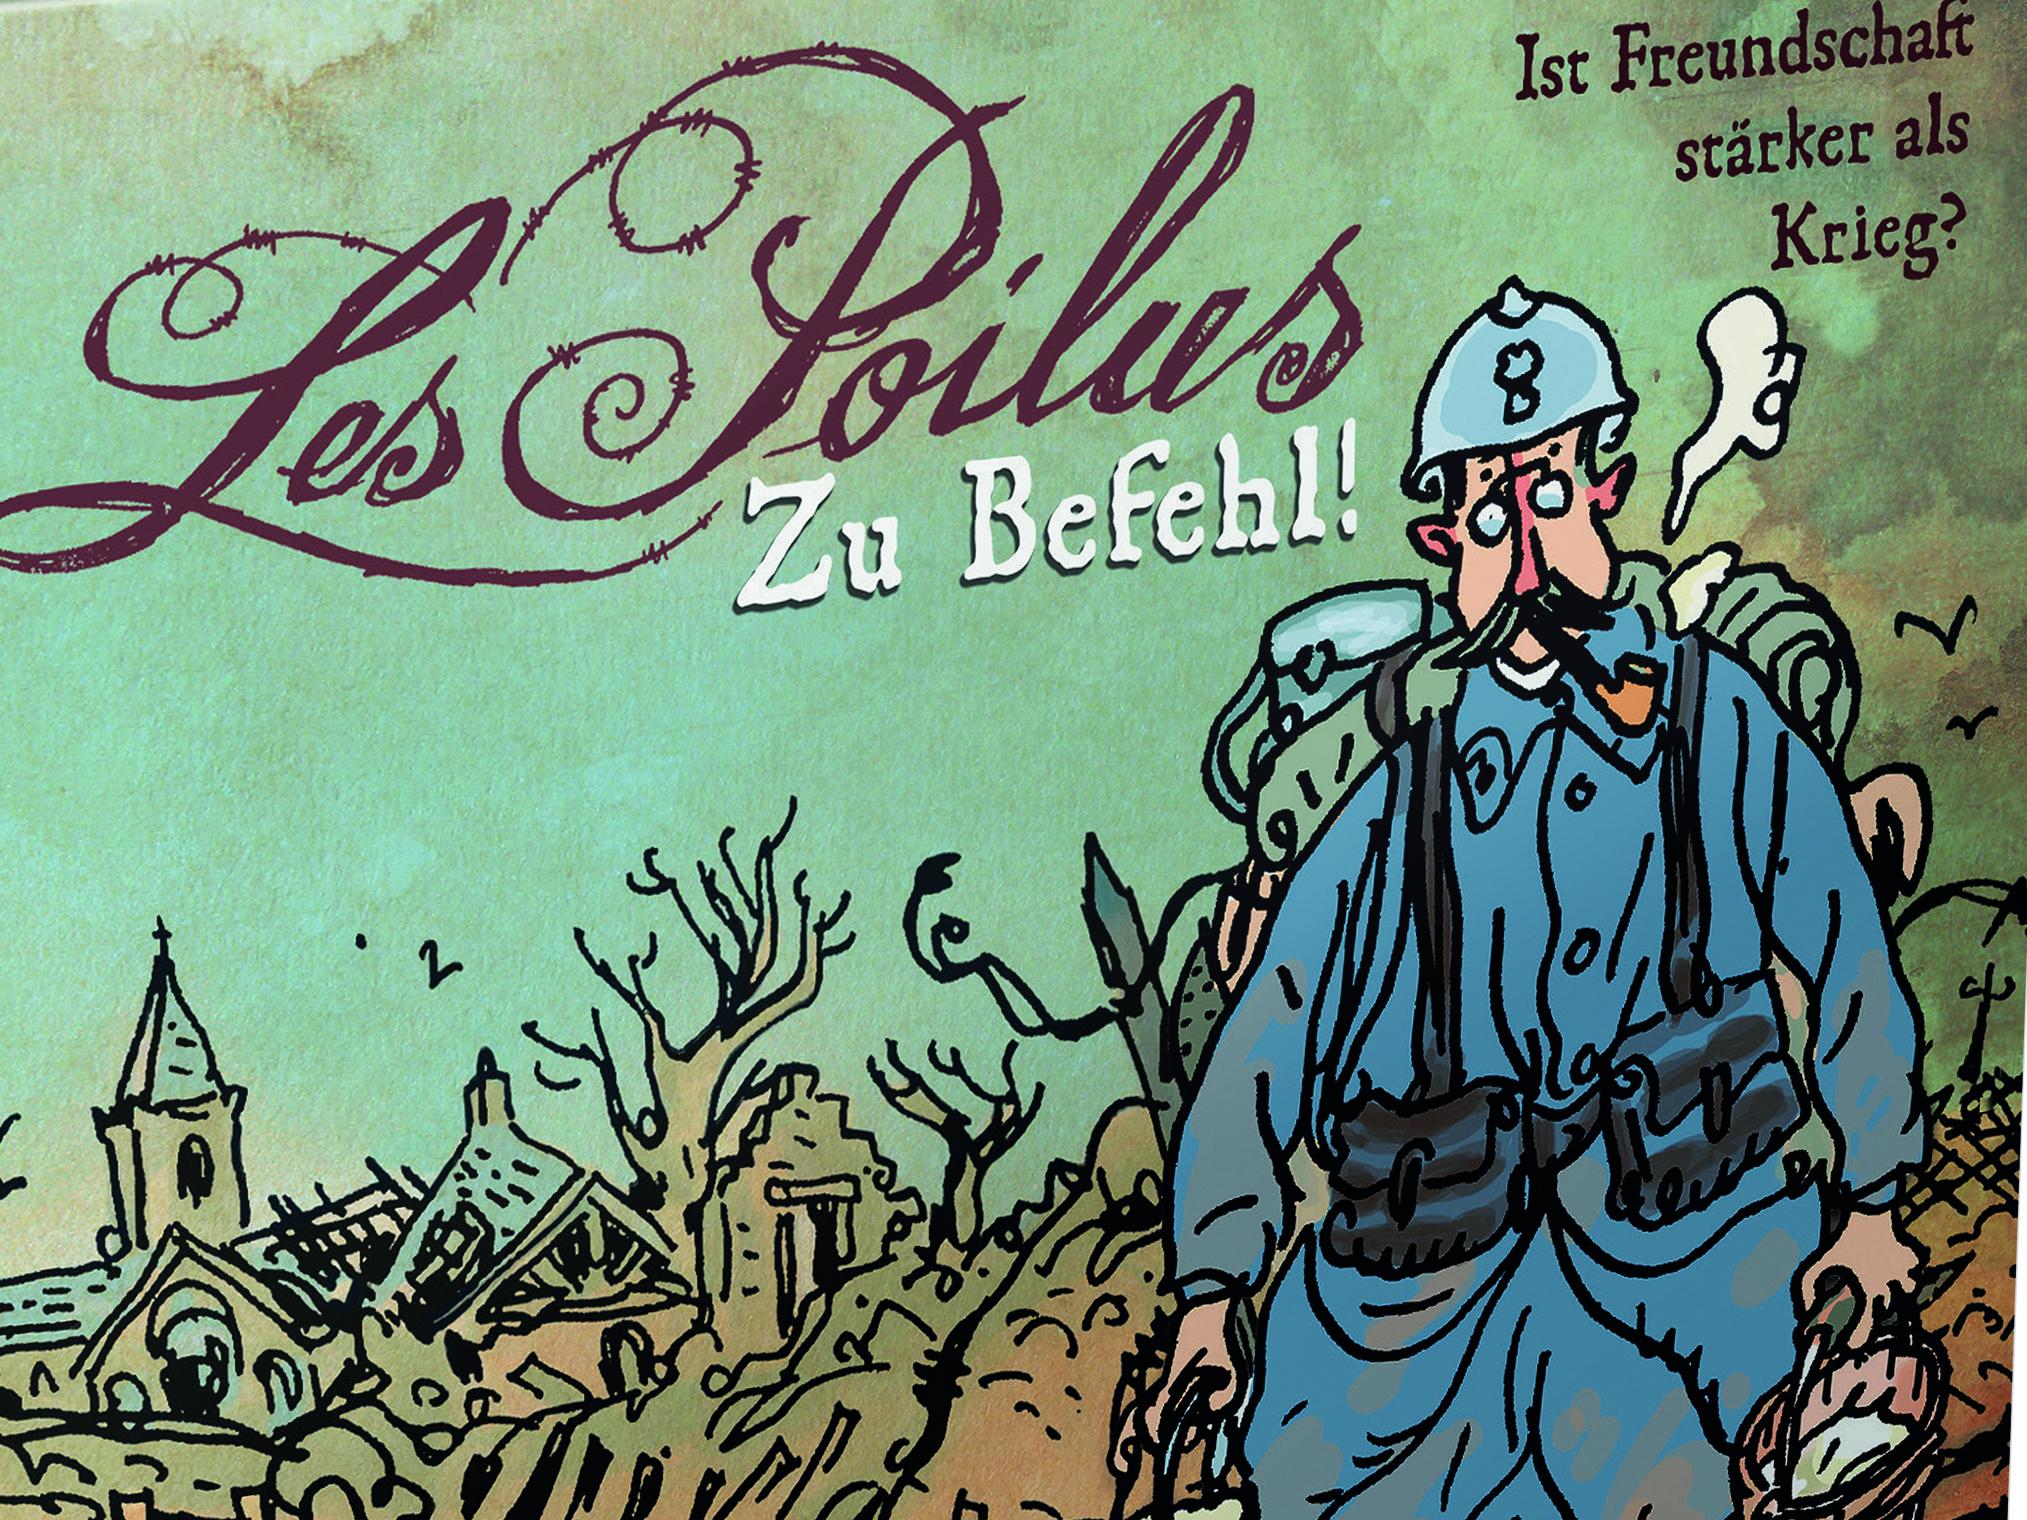 Les Poilus Zu Befehl Spiel Anleitung Und Bewertung Auf Alle Brettspiele Bei Spielen De